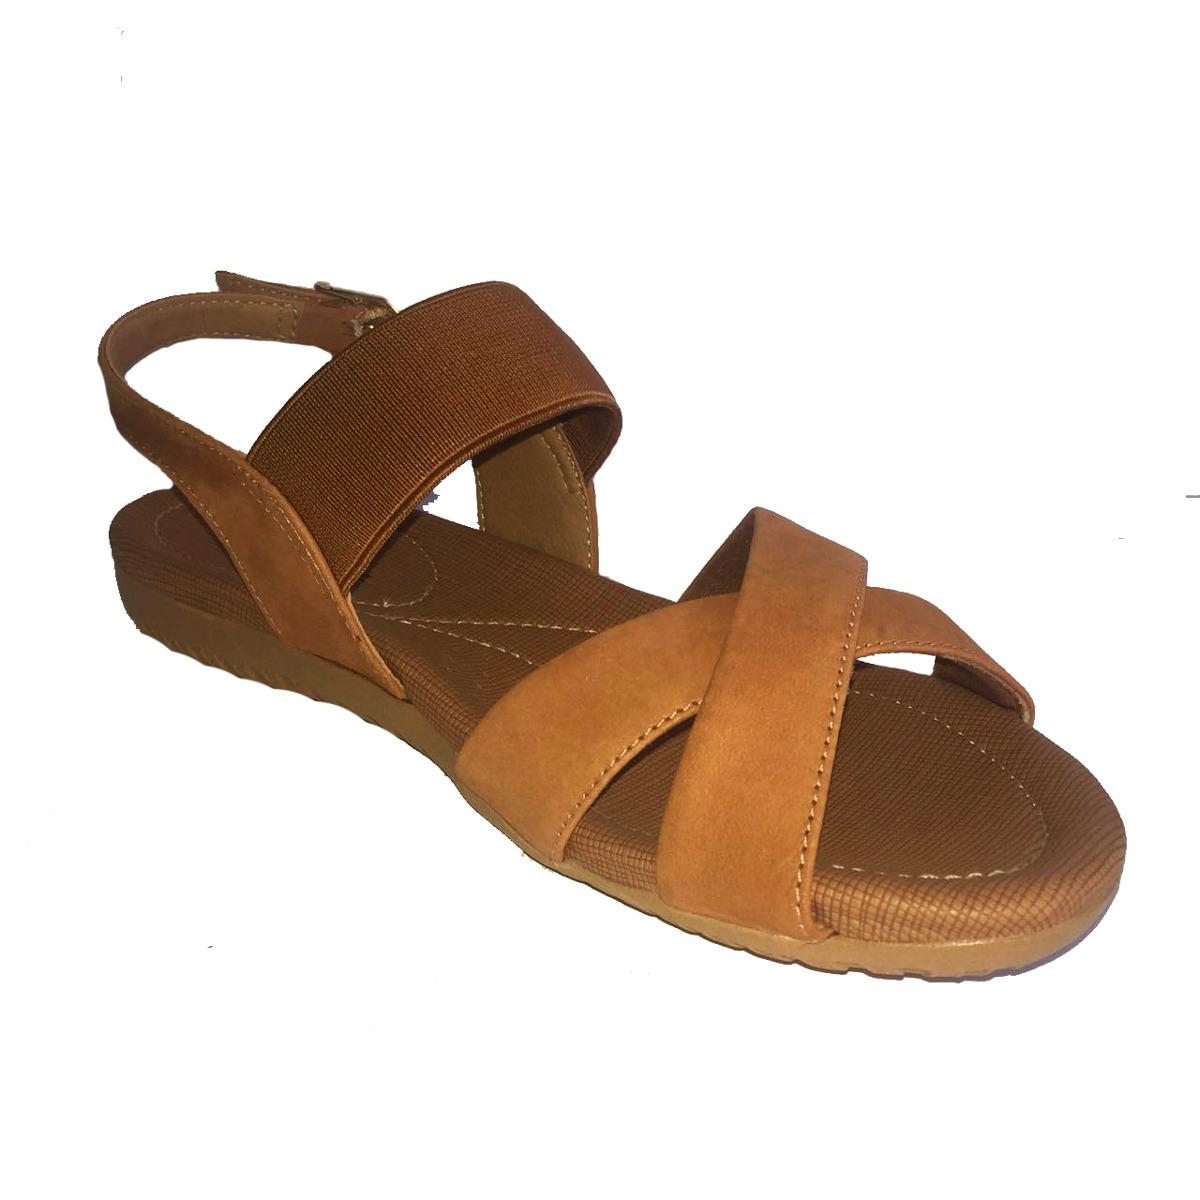 0594fd9aae8 Características. Marca Usaflex  Género Mujer  Tipo de calzado Chatitas